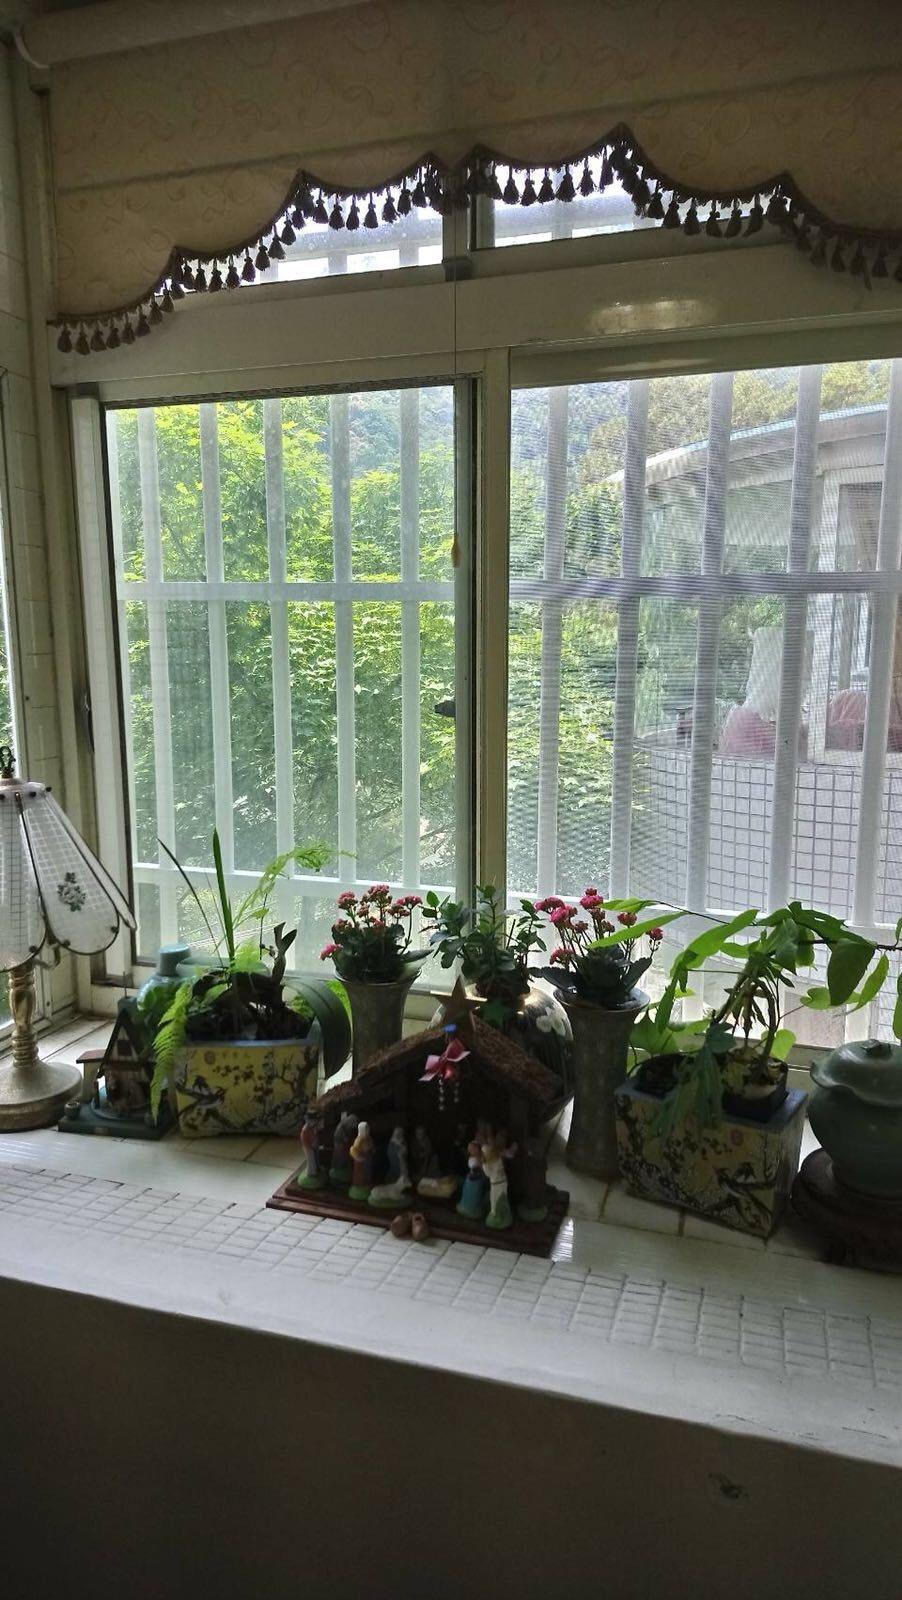 吳雪芬家中珍藏古董多到拿去種花。圖/粘嫦鈺提供